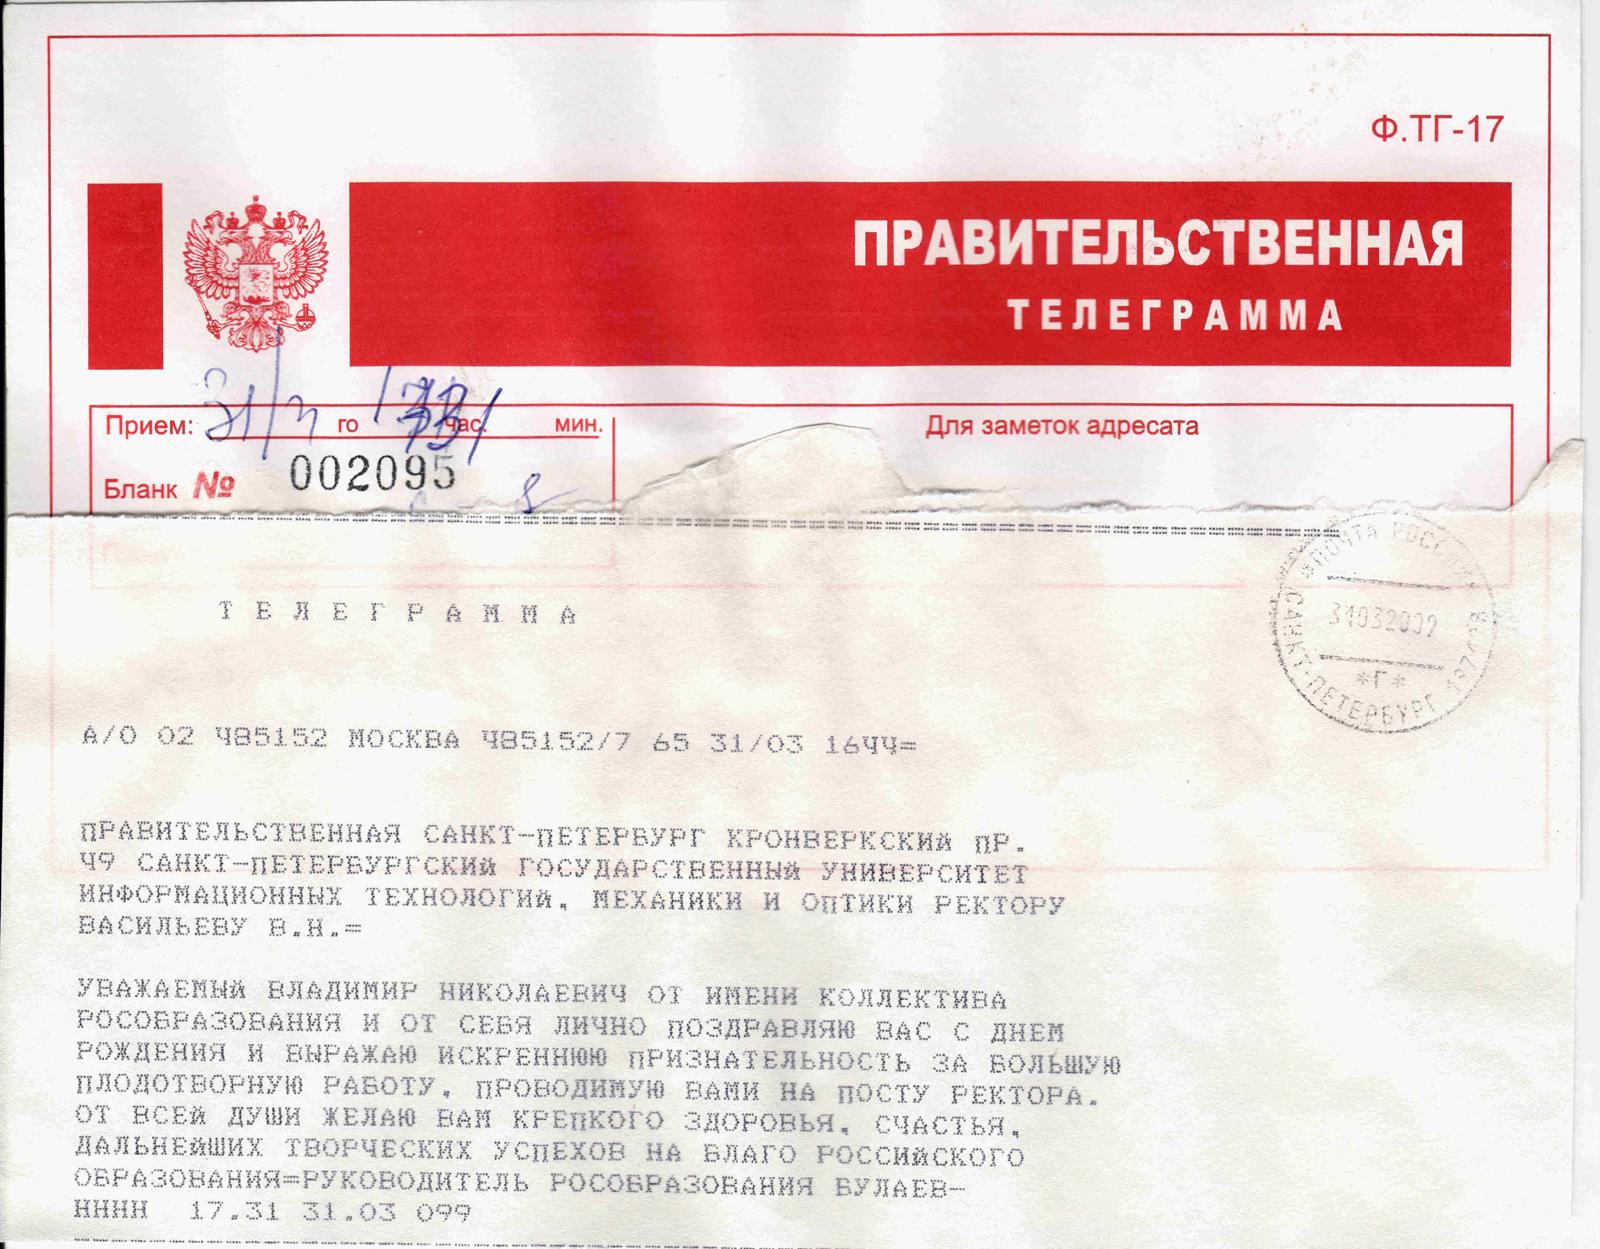 Поздравления с юбилеем телеграммы для женщин